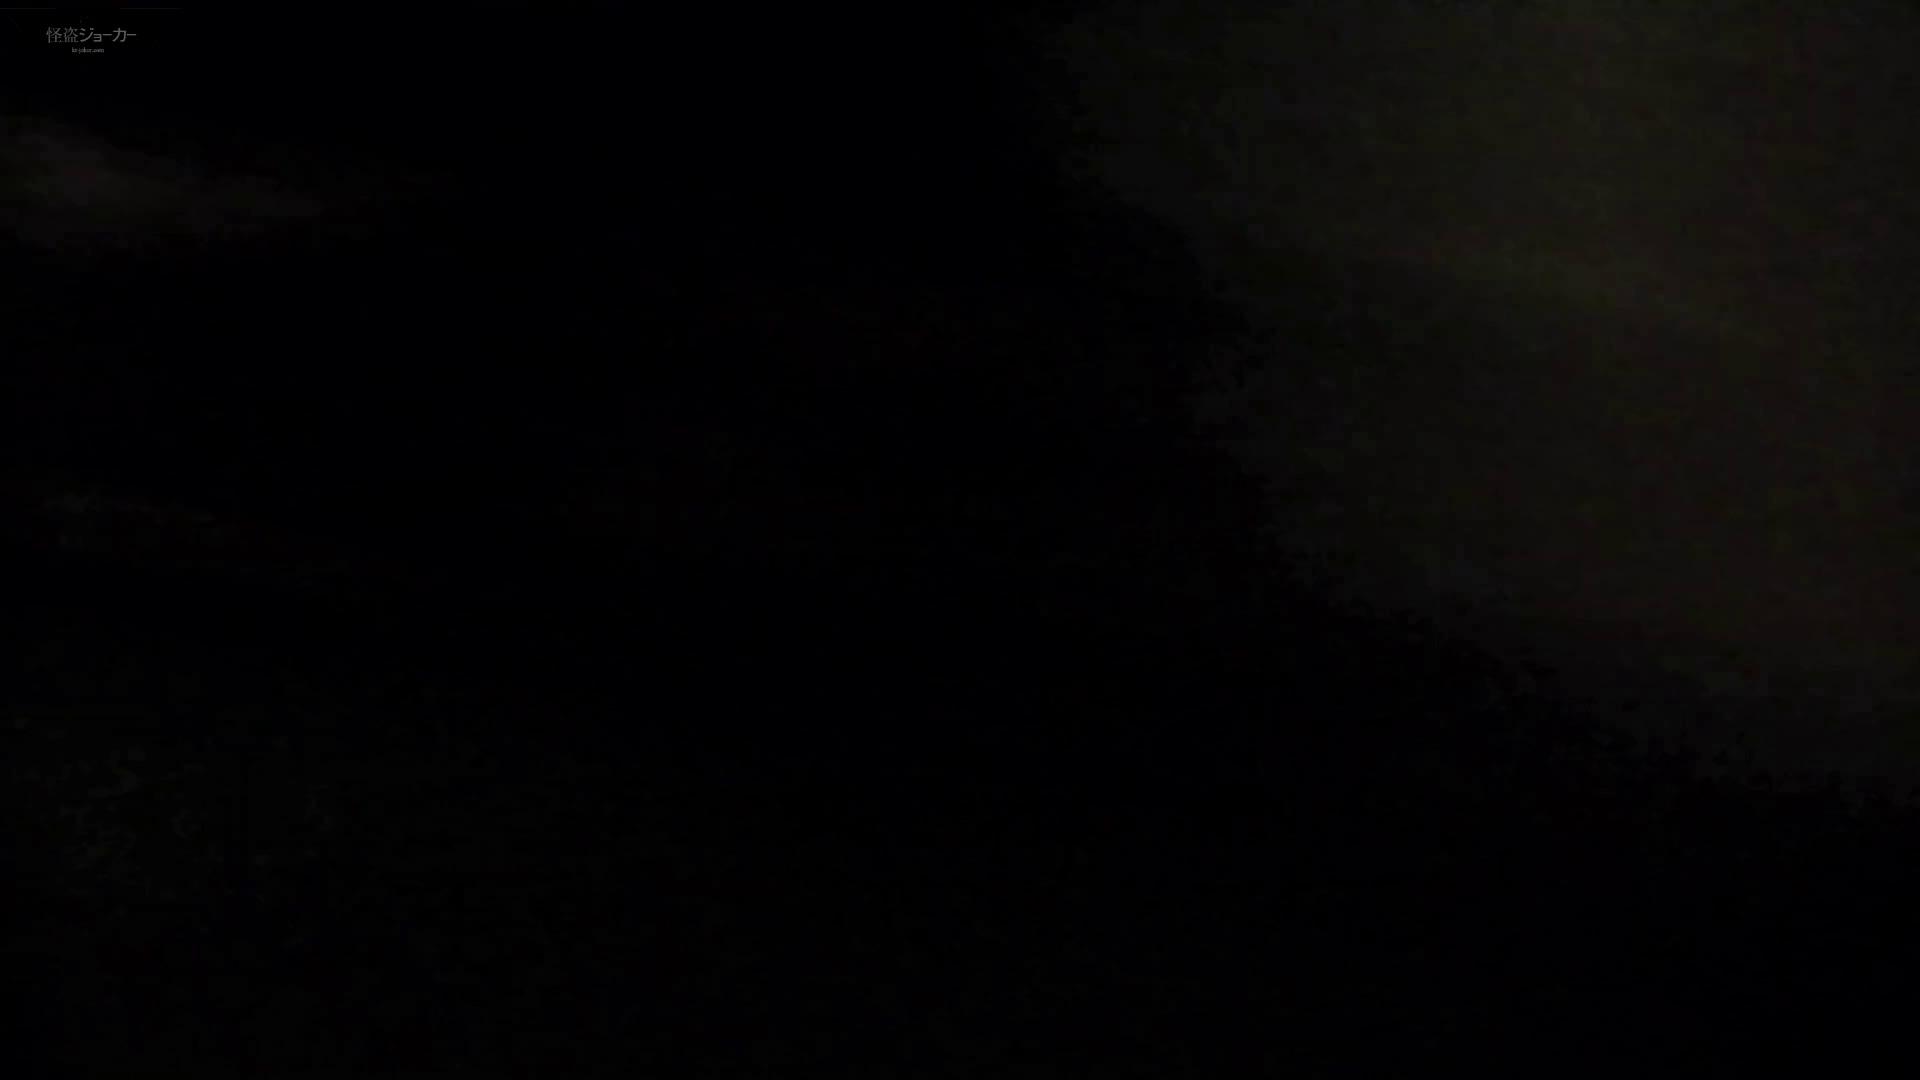 和式洋式七変化 Vol.28 綺麗に撮れました。(ー_ー)!! 洗面所 盗撮エロ画像 105pic 80